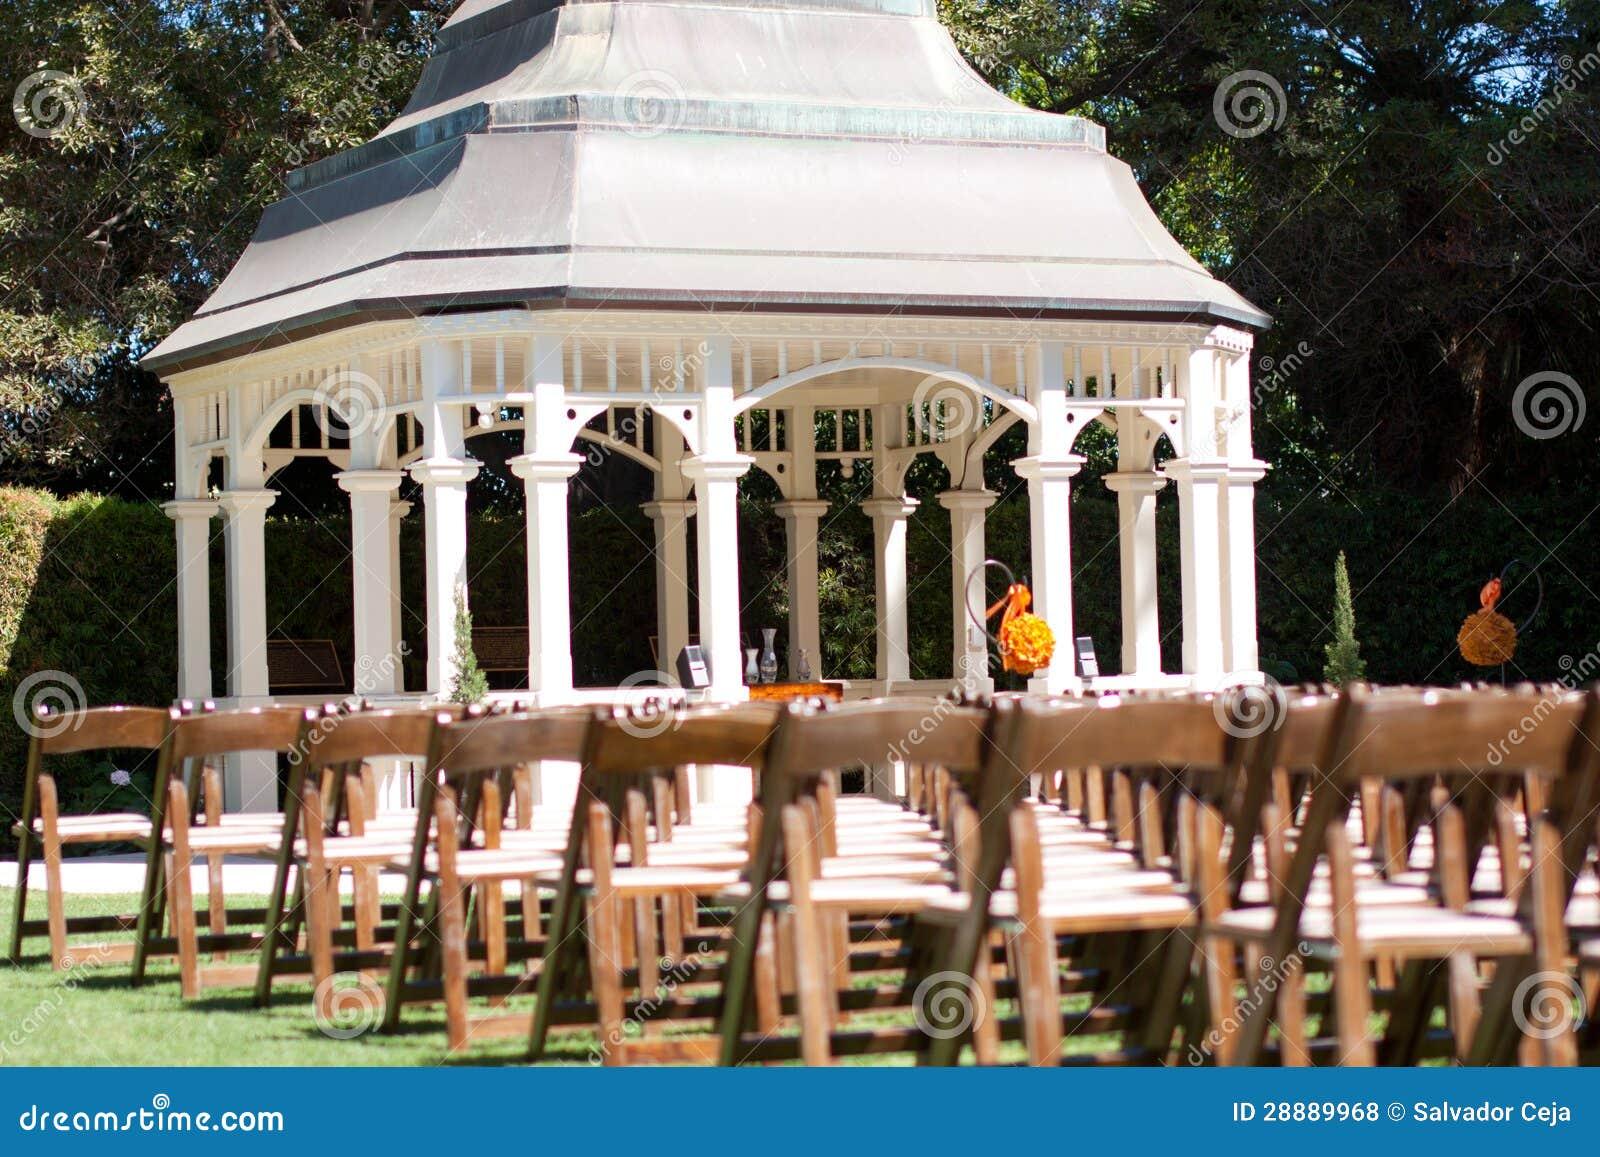 Hochzeitszeremonie Im Garten Stockfoto Bild Von Publikum Garten